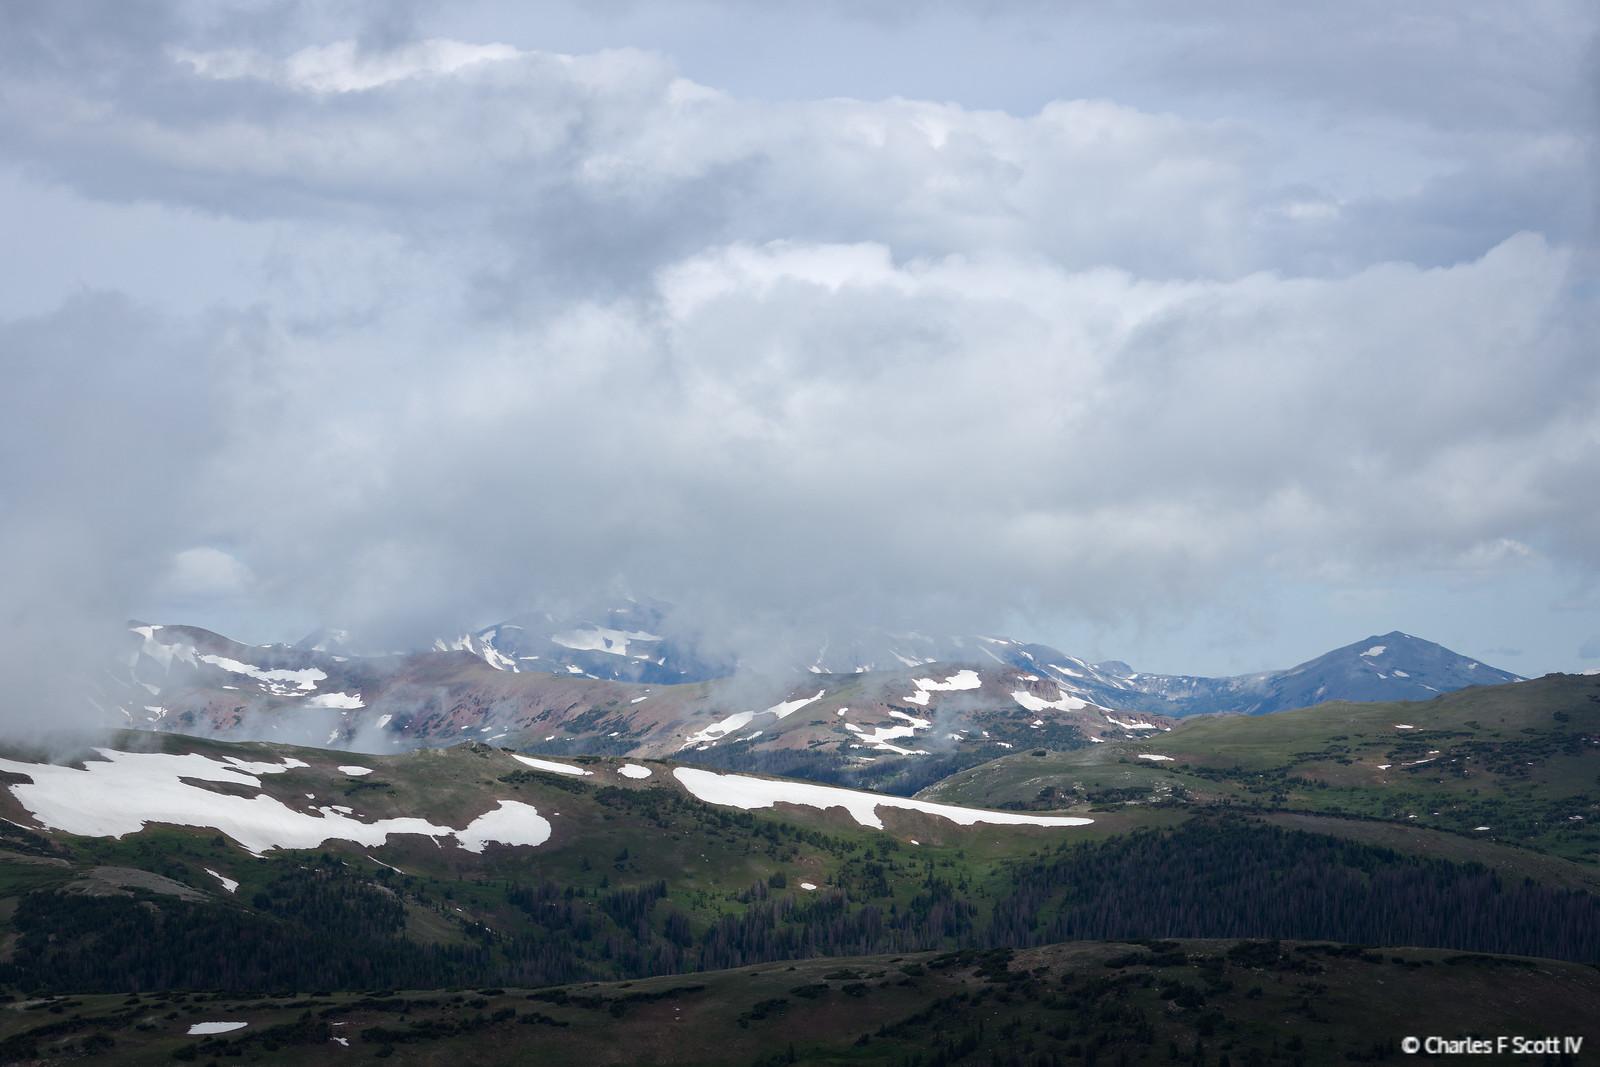 IMAGE: https://photos.smugmug.com/Public/2019-Colorado/i-B2wzTHW/0/f22d4a89/X3/20190725-2955-X3.jpg